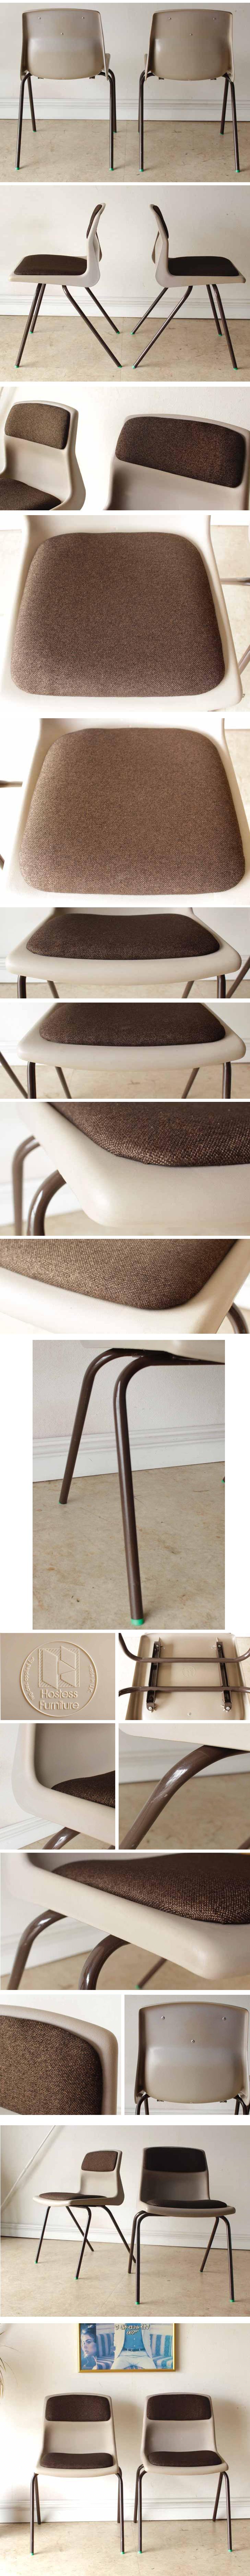 UKビンテージチェア|スタッキングチェア椅子/2脚・HostessFurniture/イギリス製ビンテージ家具ミッドセンチュリー